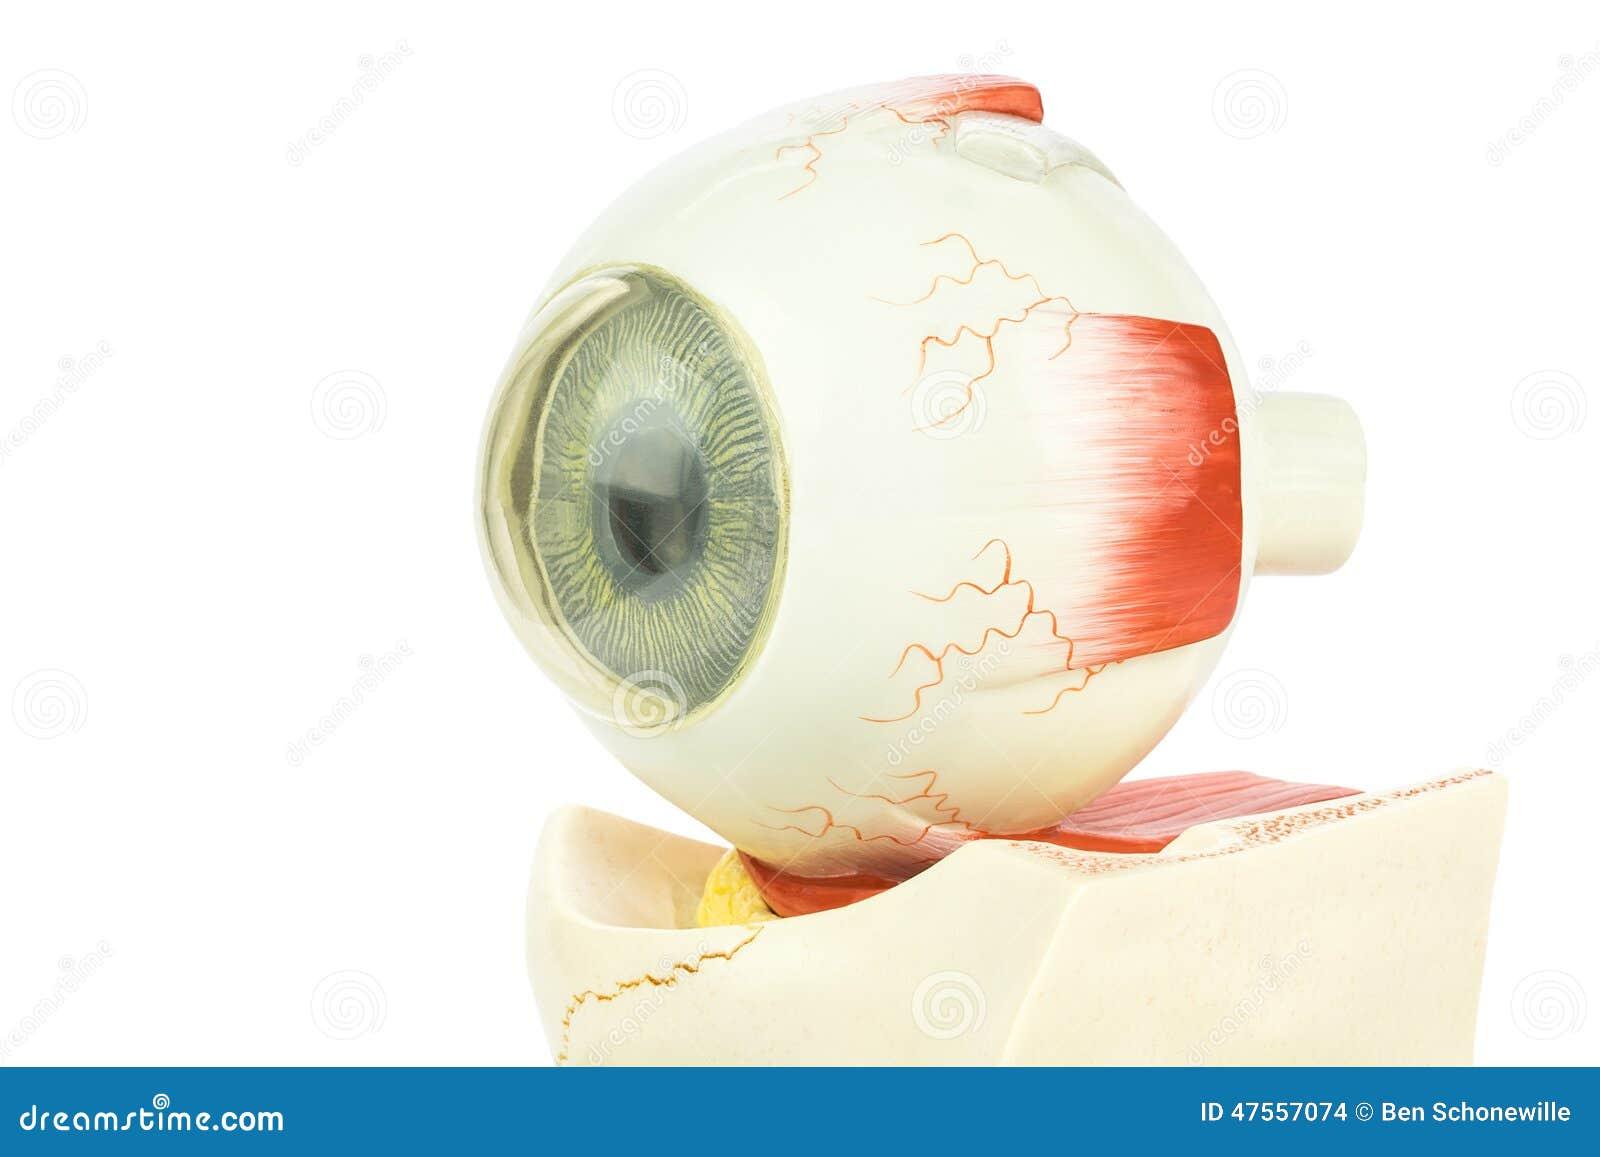 Occhio umano artificiale